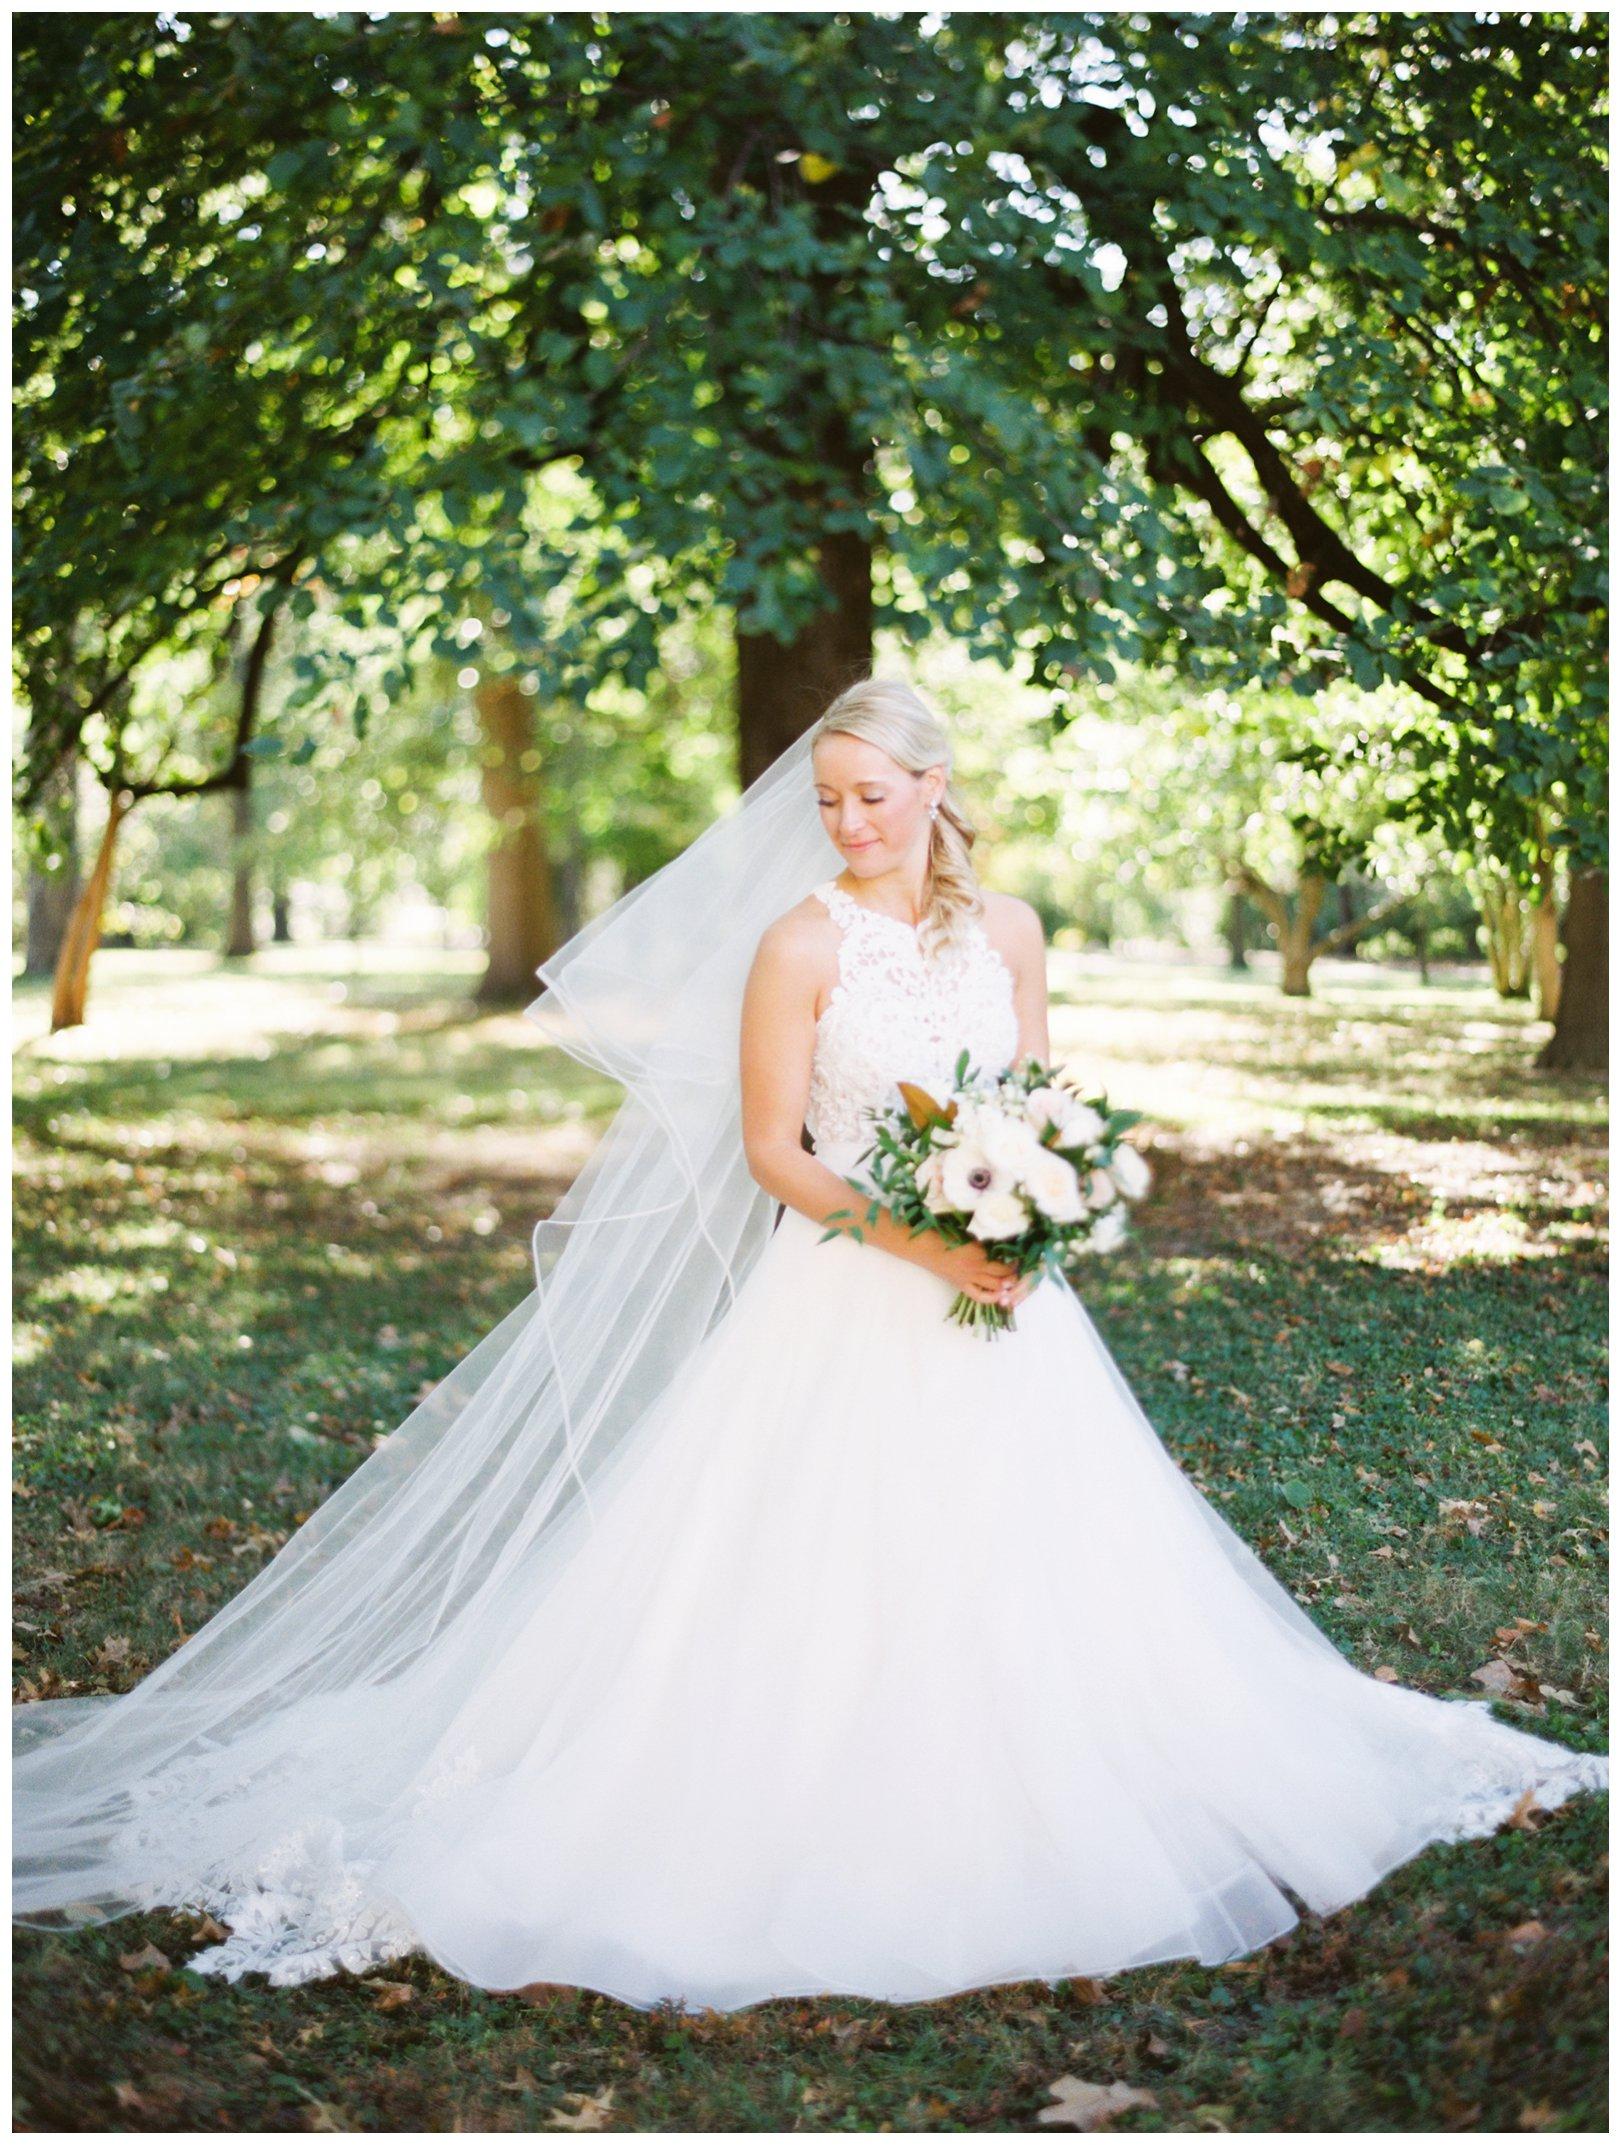 lauren muckler photography_fine art film wedding photography_st louis_photography_2431.jpg